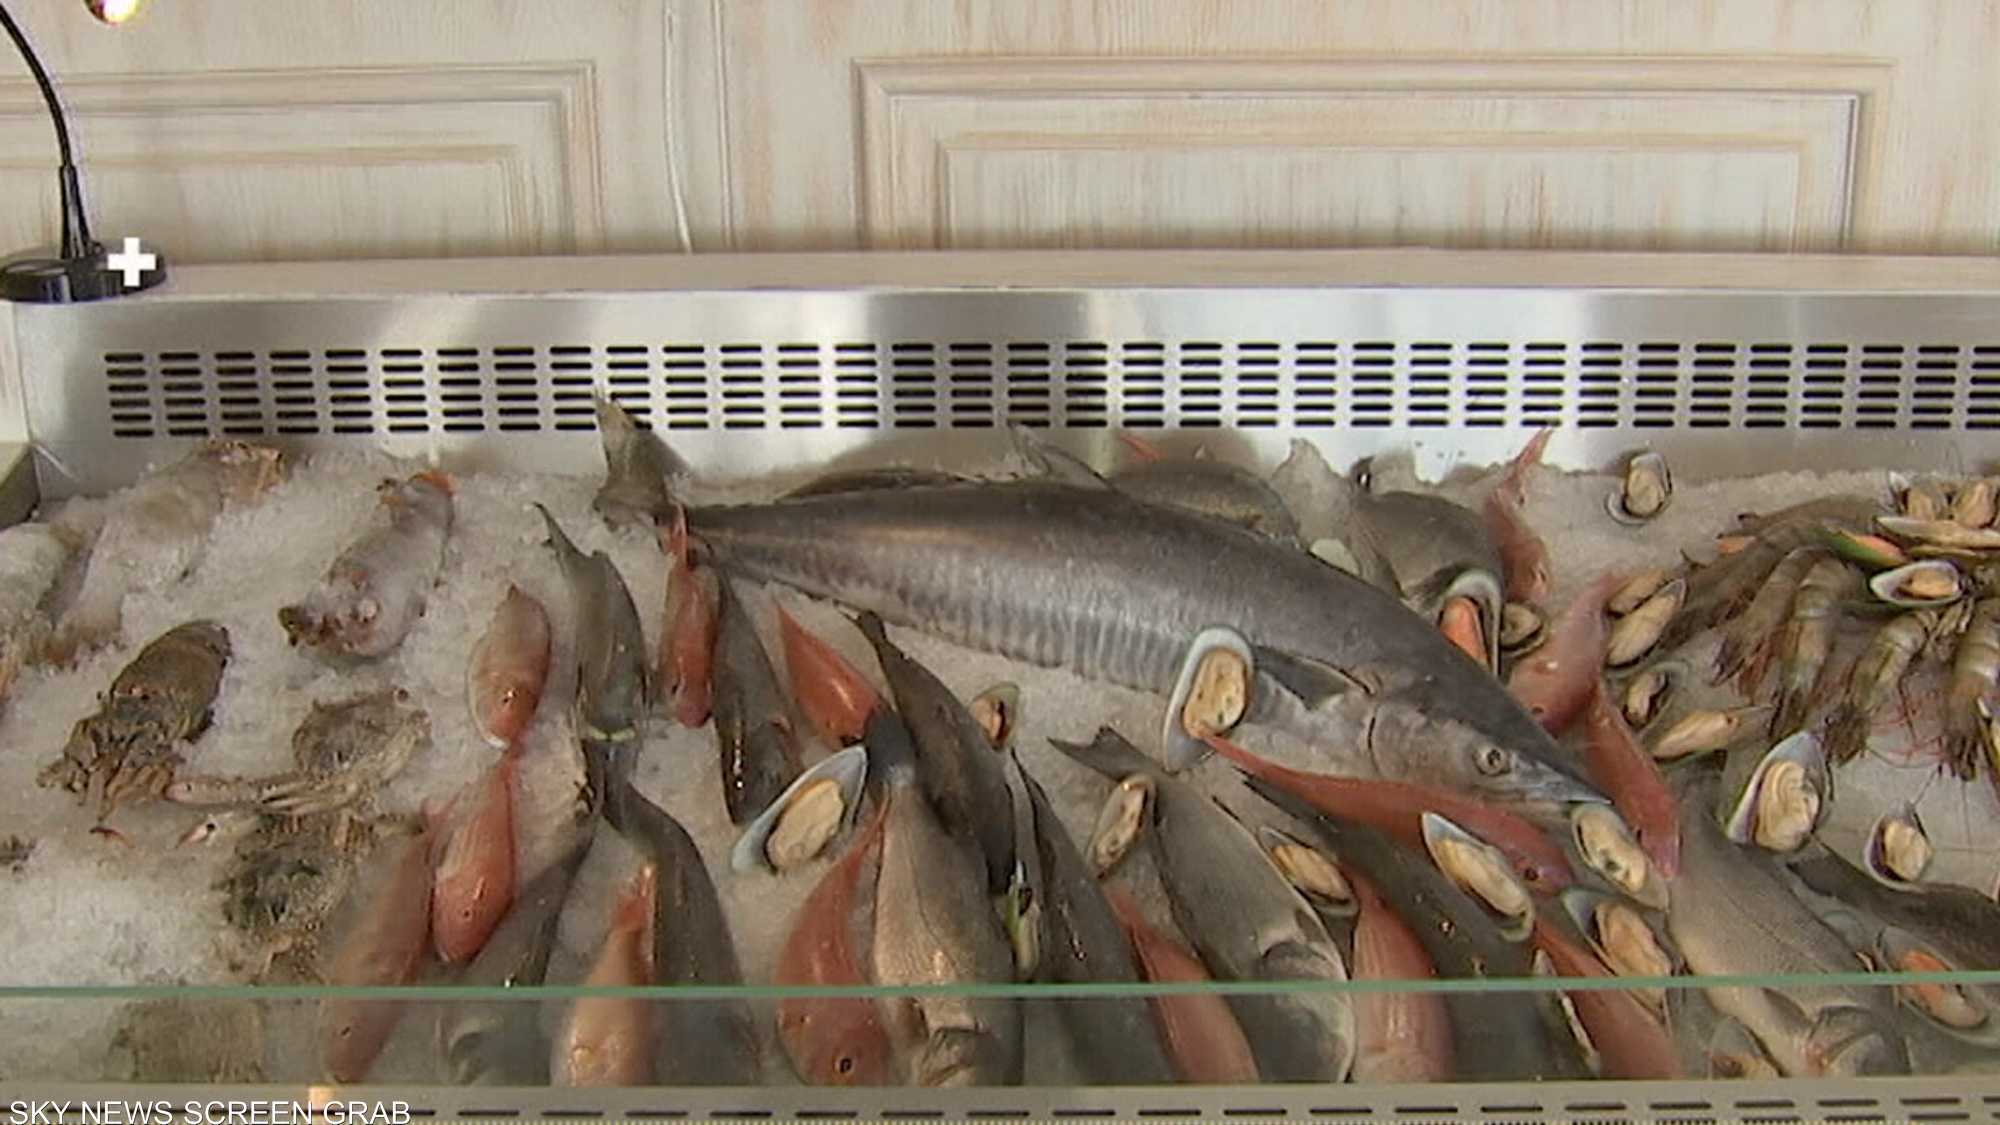 أشهر الأطباق التي تدخل في تكوينها ثمار البحر